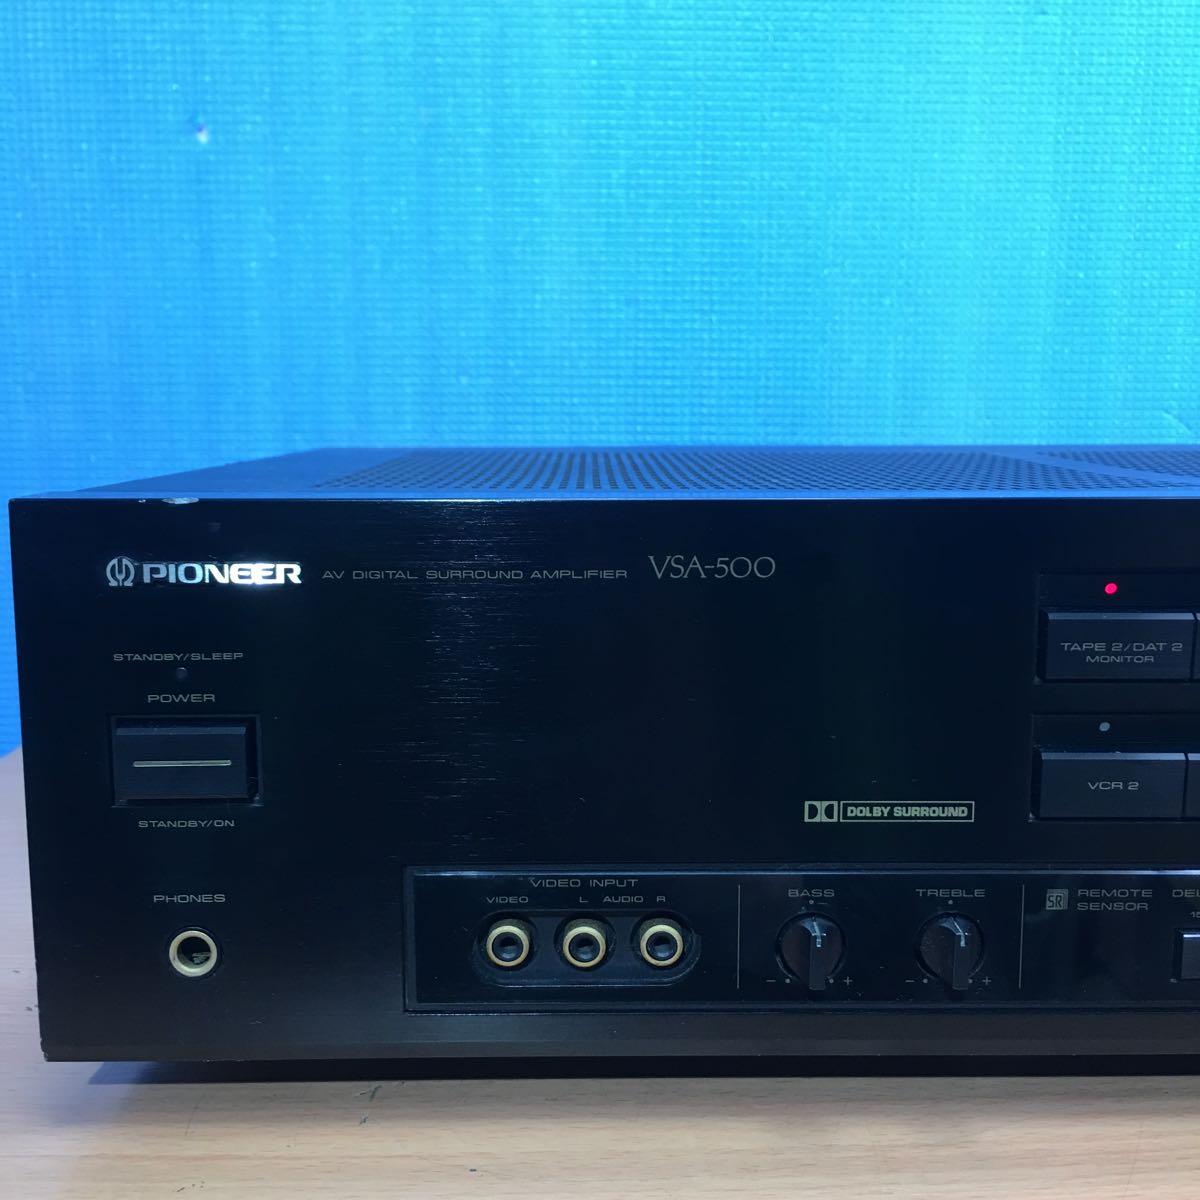 P IONEER AV デジタル サラウンド アンプ VSA-500 Ⅱ_画像4